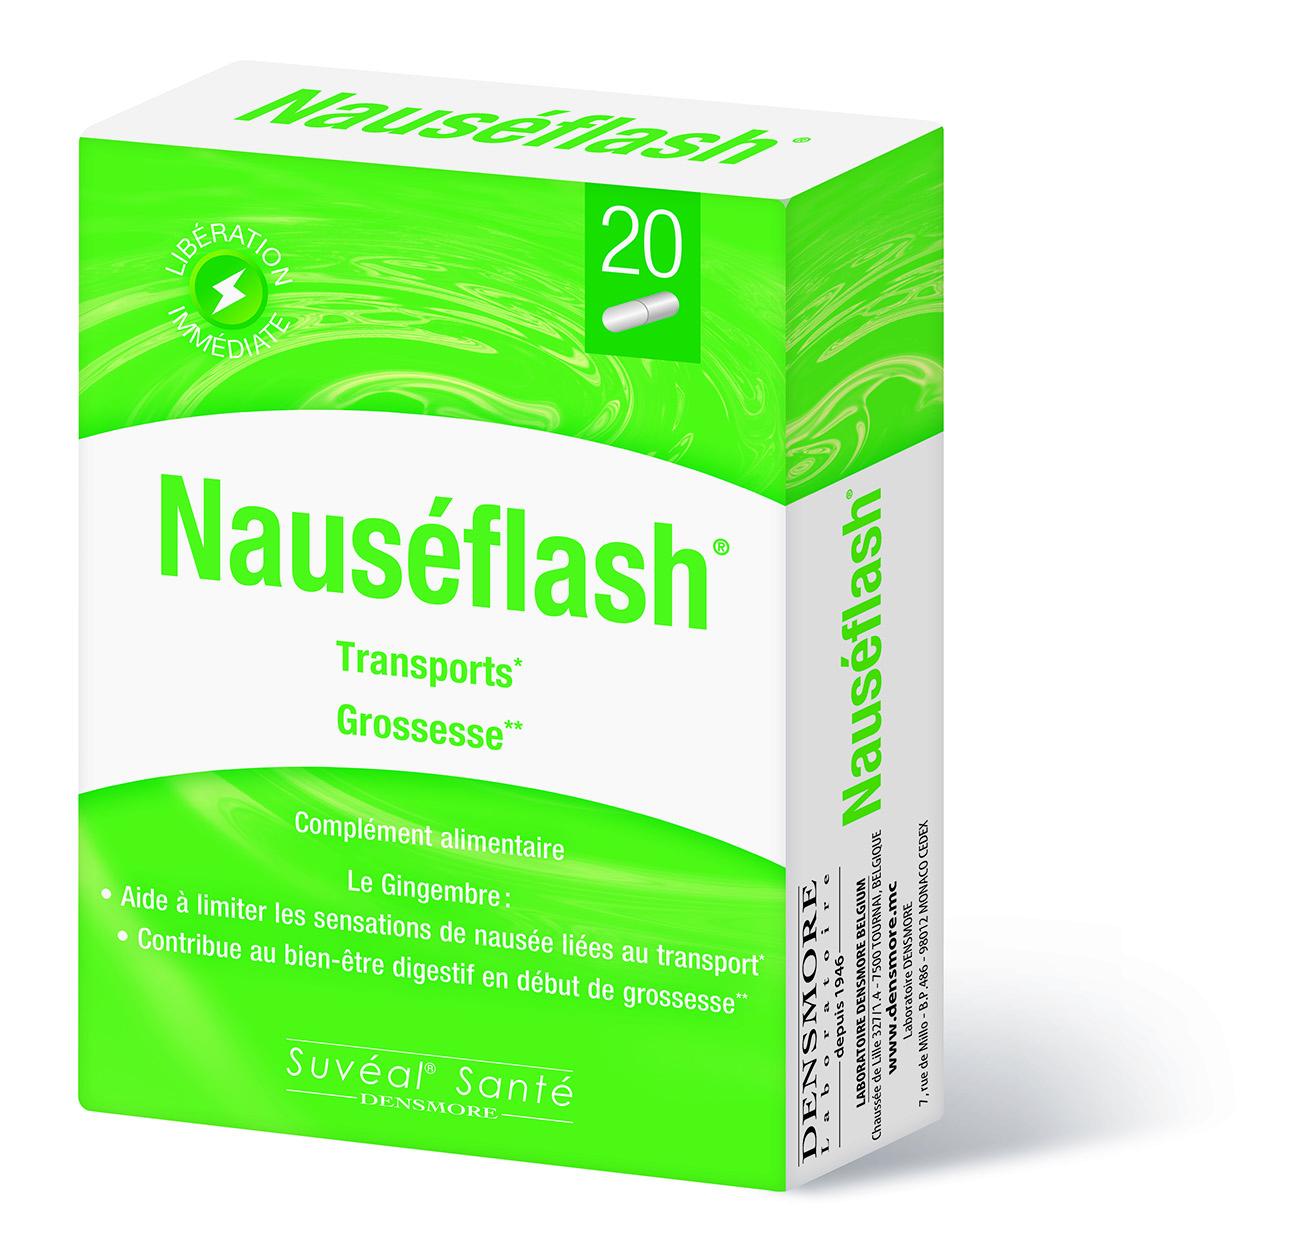 Image Nauséflash®